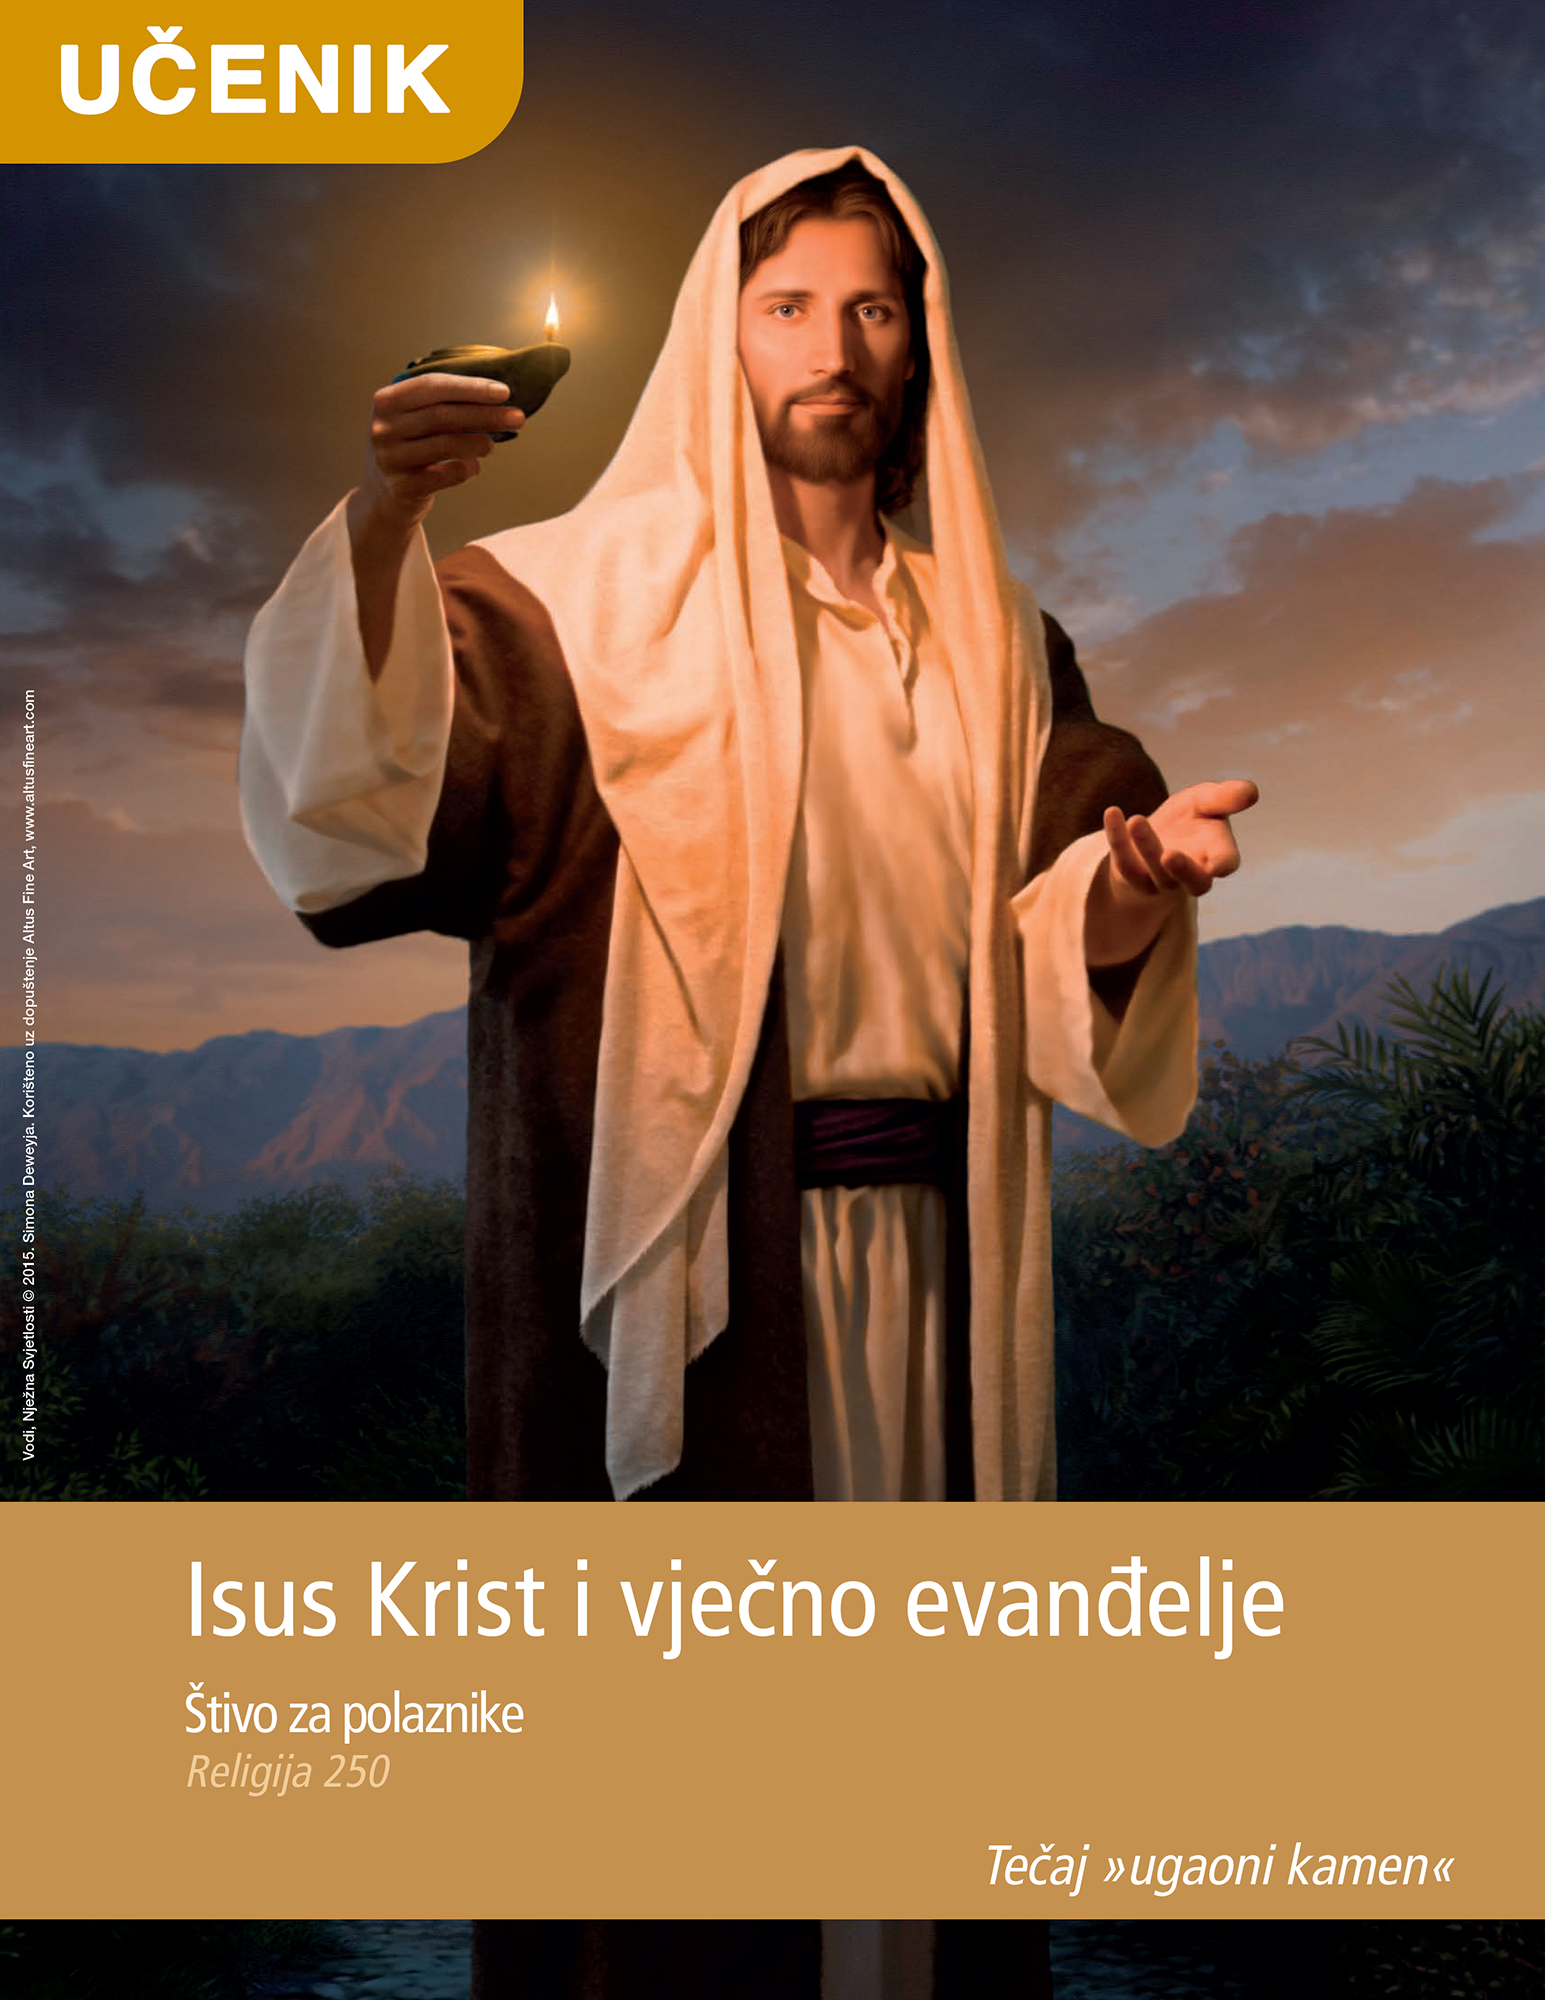 Isus Krist i vječno evanđelje – štivo za polaznike (Rel 250)